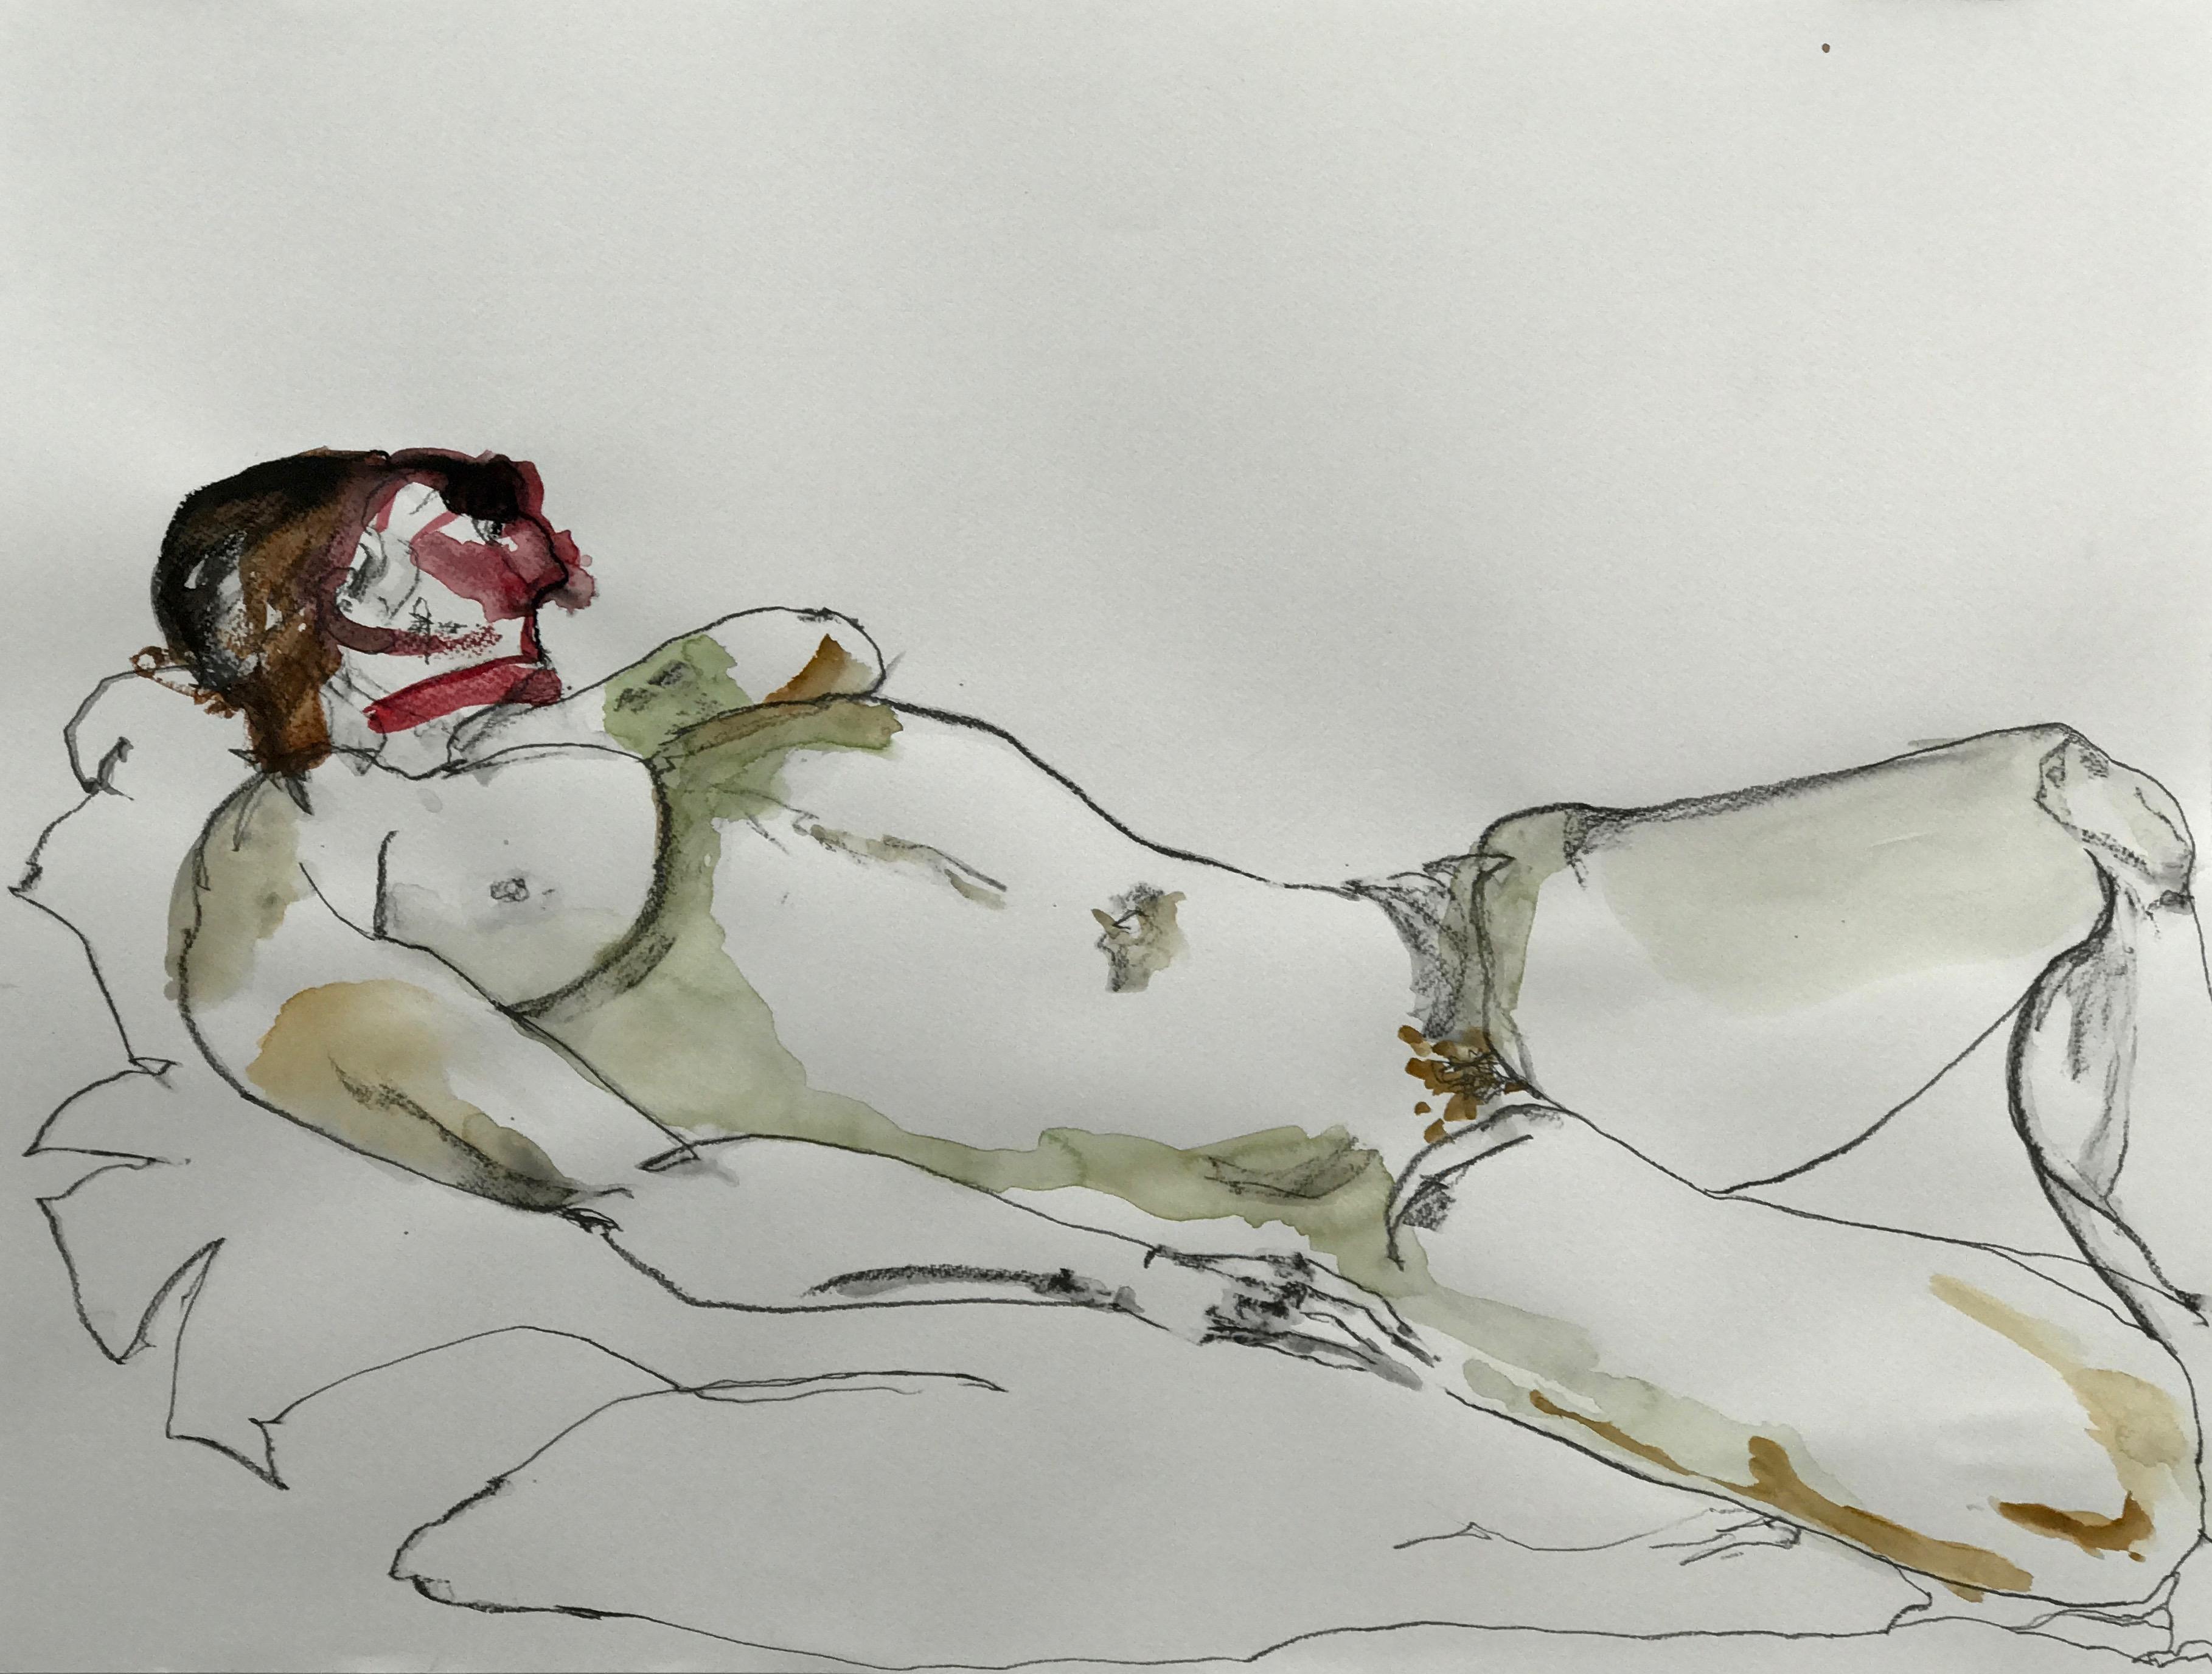 Nude study, 2017